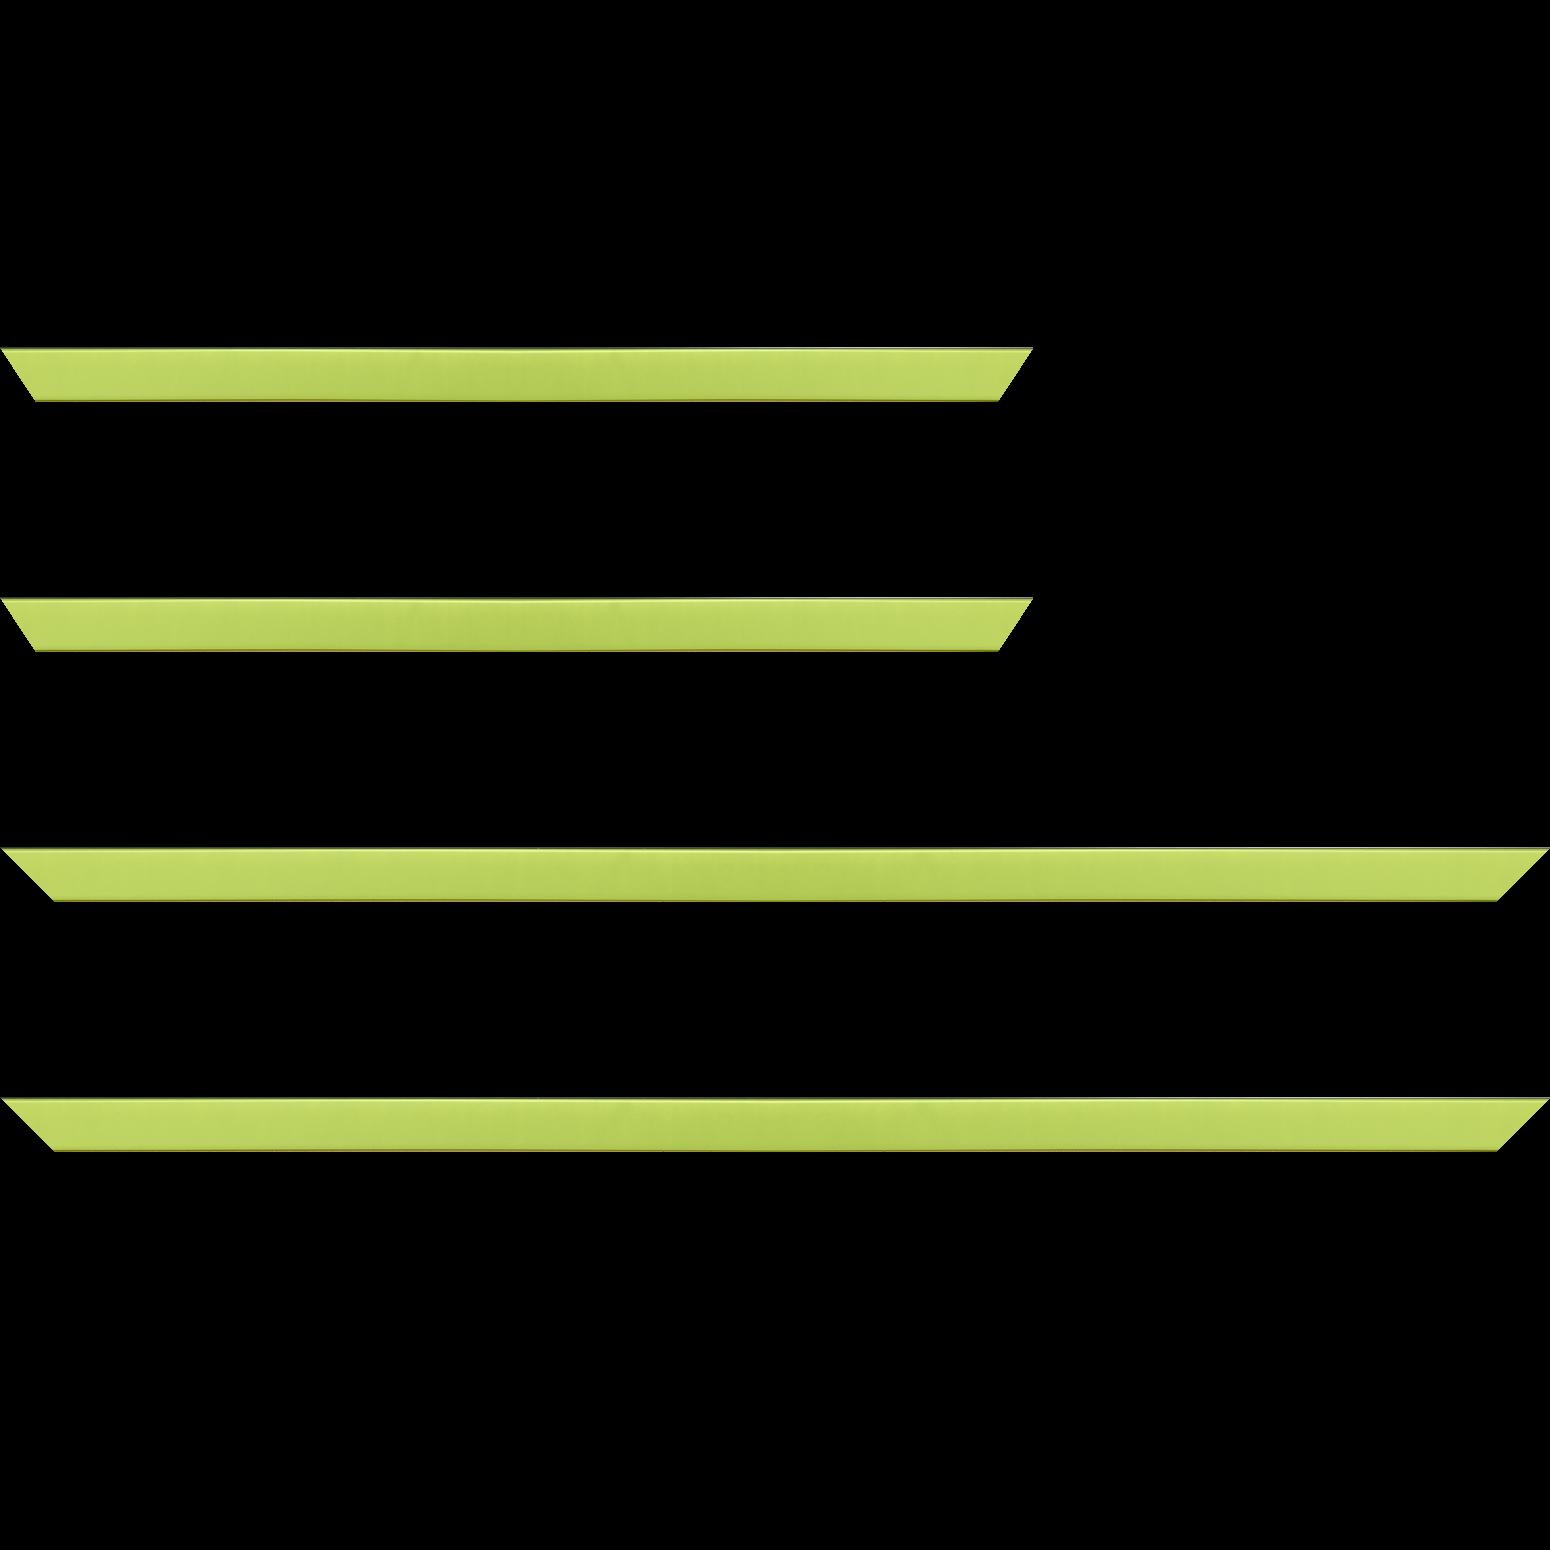 Baguette service précoupé Bois profil plat effet cube largeur 1.7cm couleur vert anis satiné